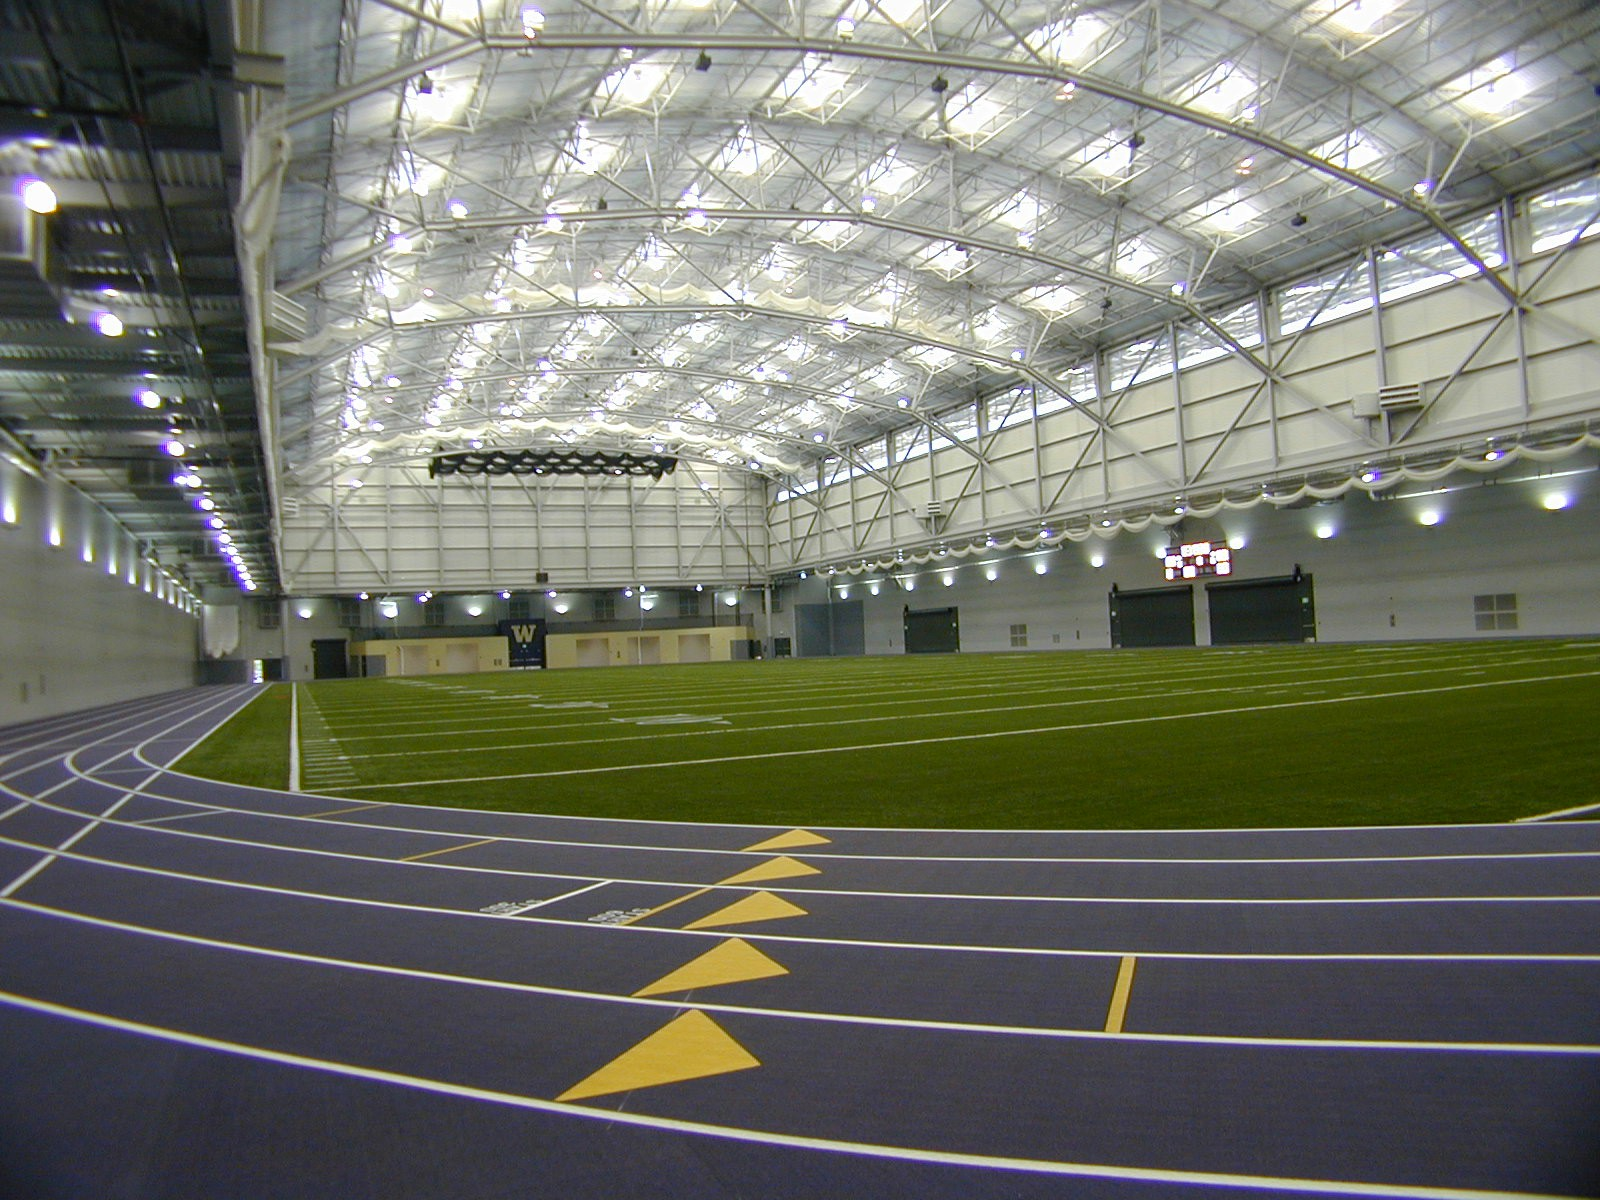 UW Demsey Indoor Practice Field